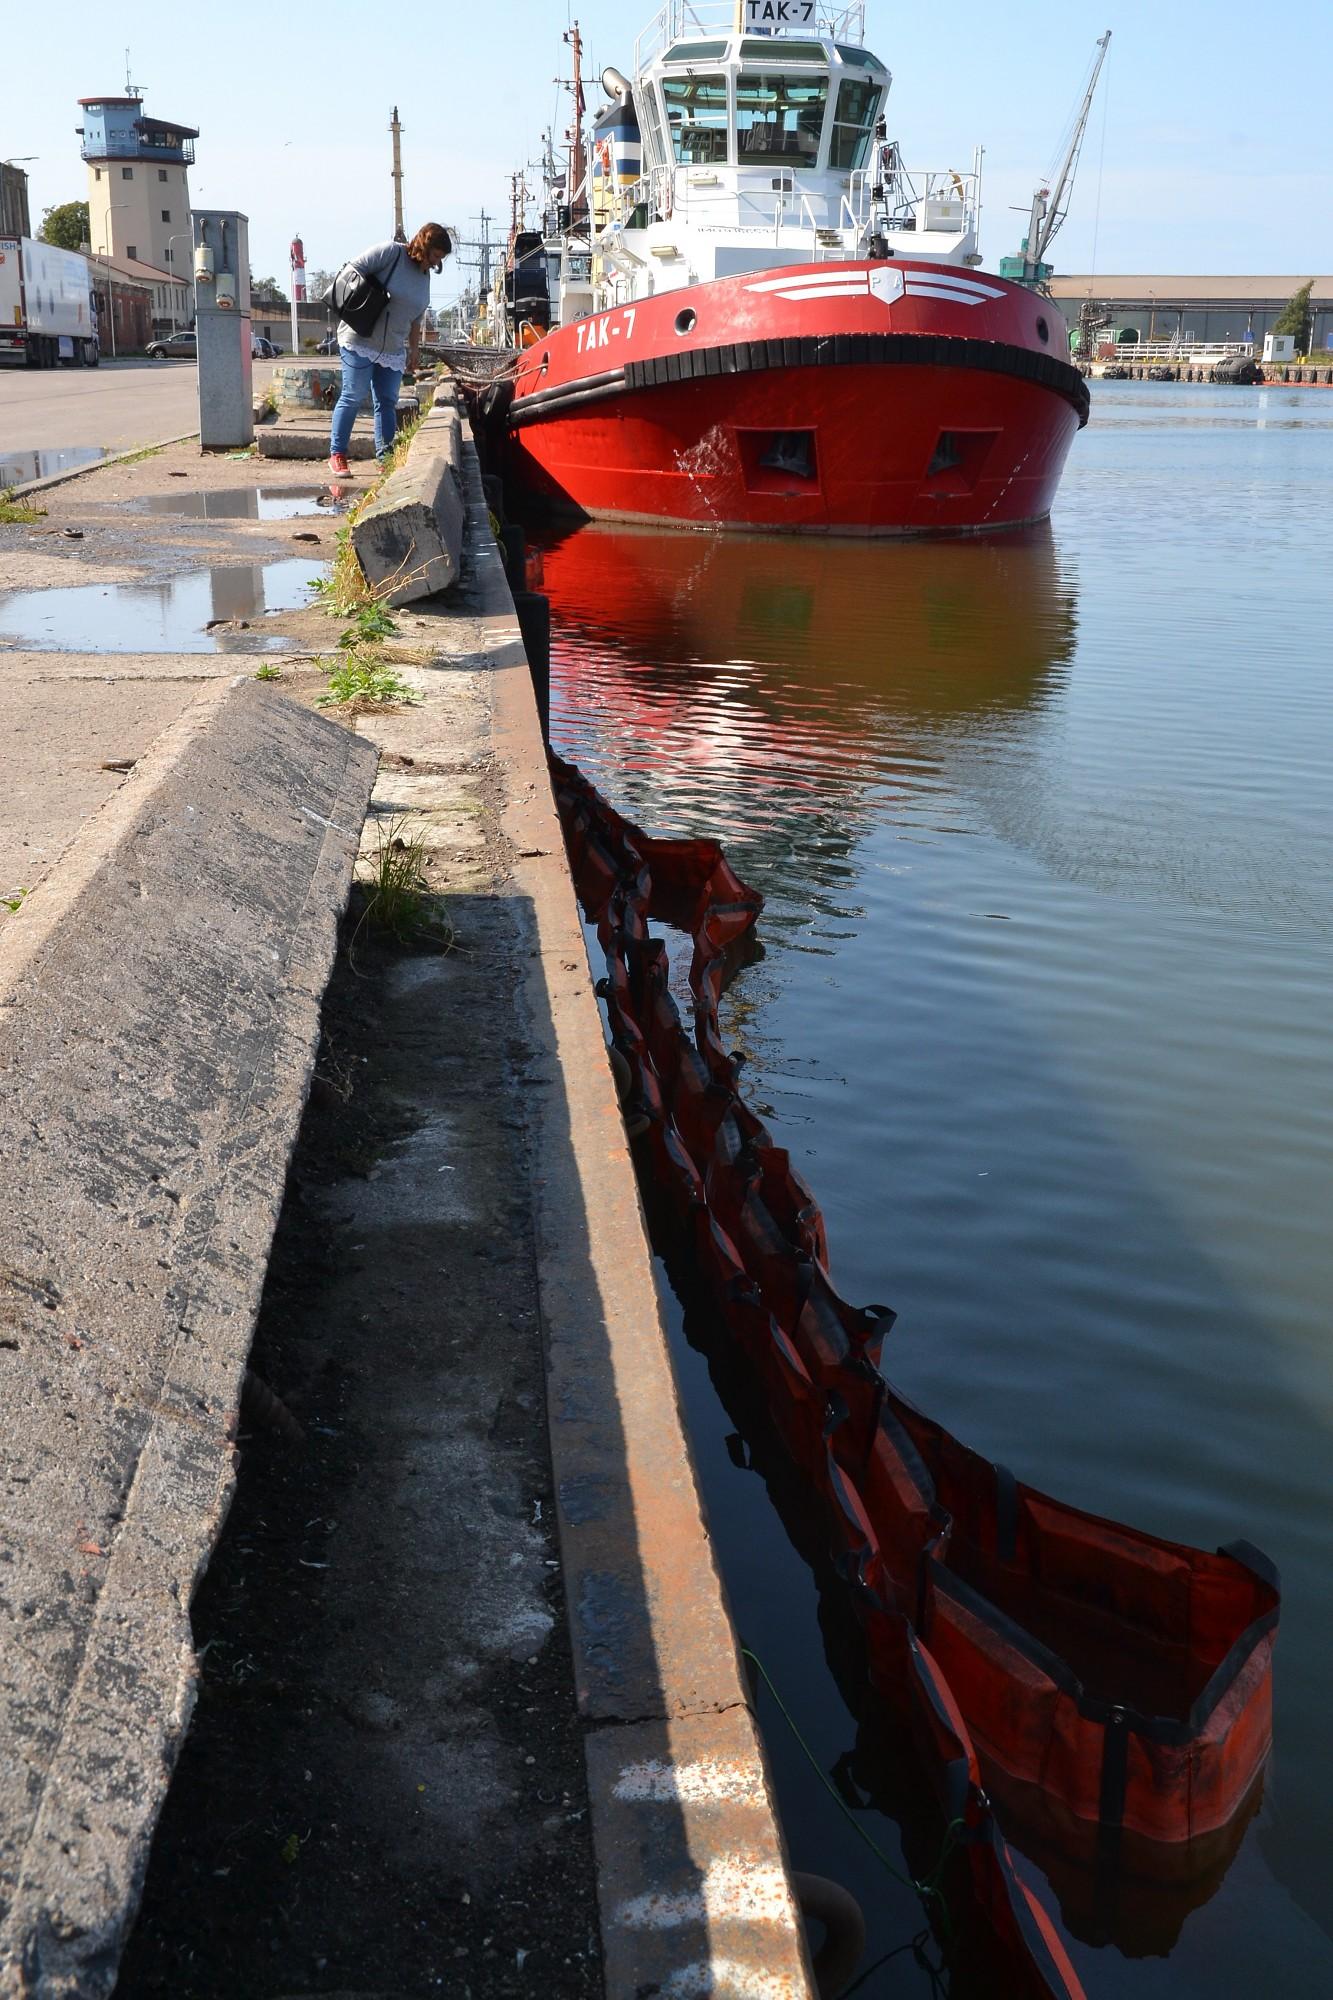 Izdevies novērst kanalizācijas notekūdeņu ieplūšanu Tirdzniecības kanālā